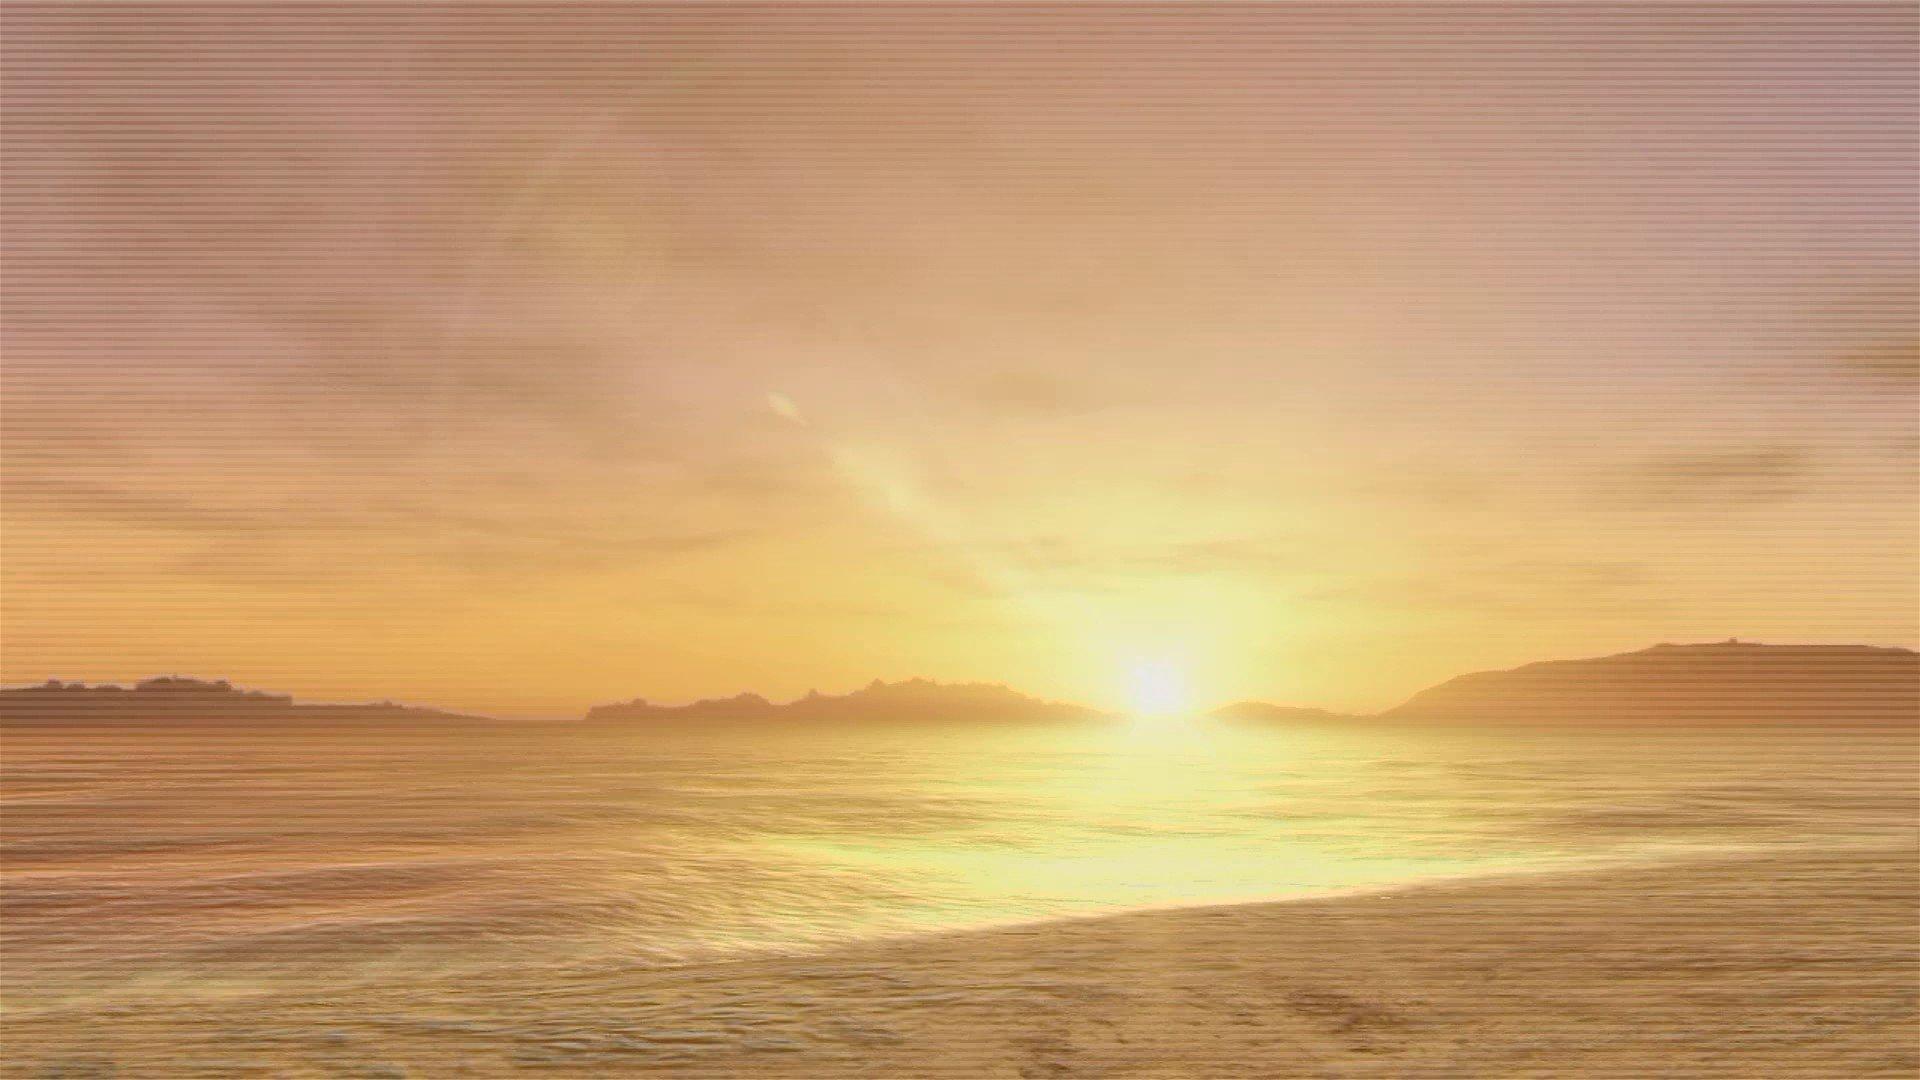 Перепрошел Max Payne 3. Одна из лучших игр прошлого года все же. Эти нуарные речи Макса отлично нагнетают. - Изображение 1